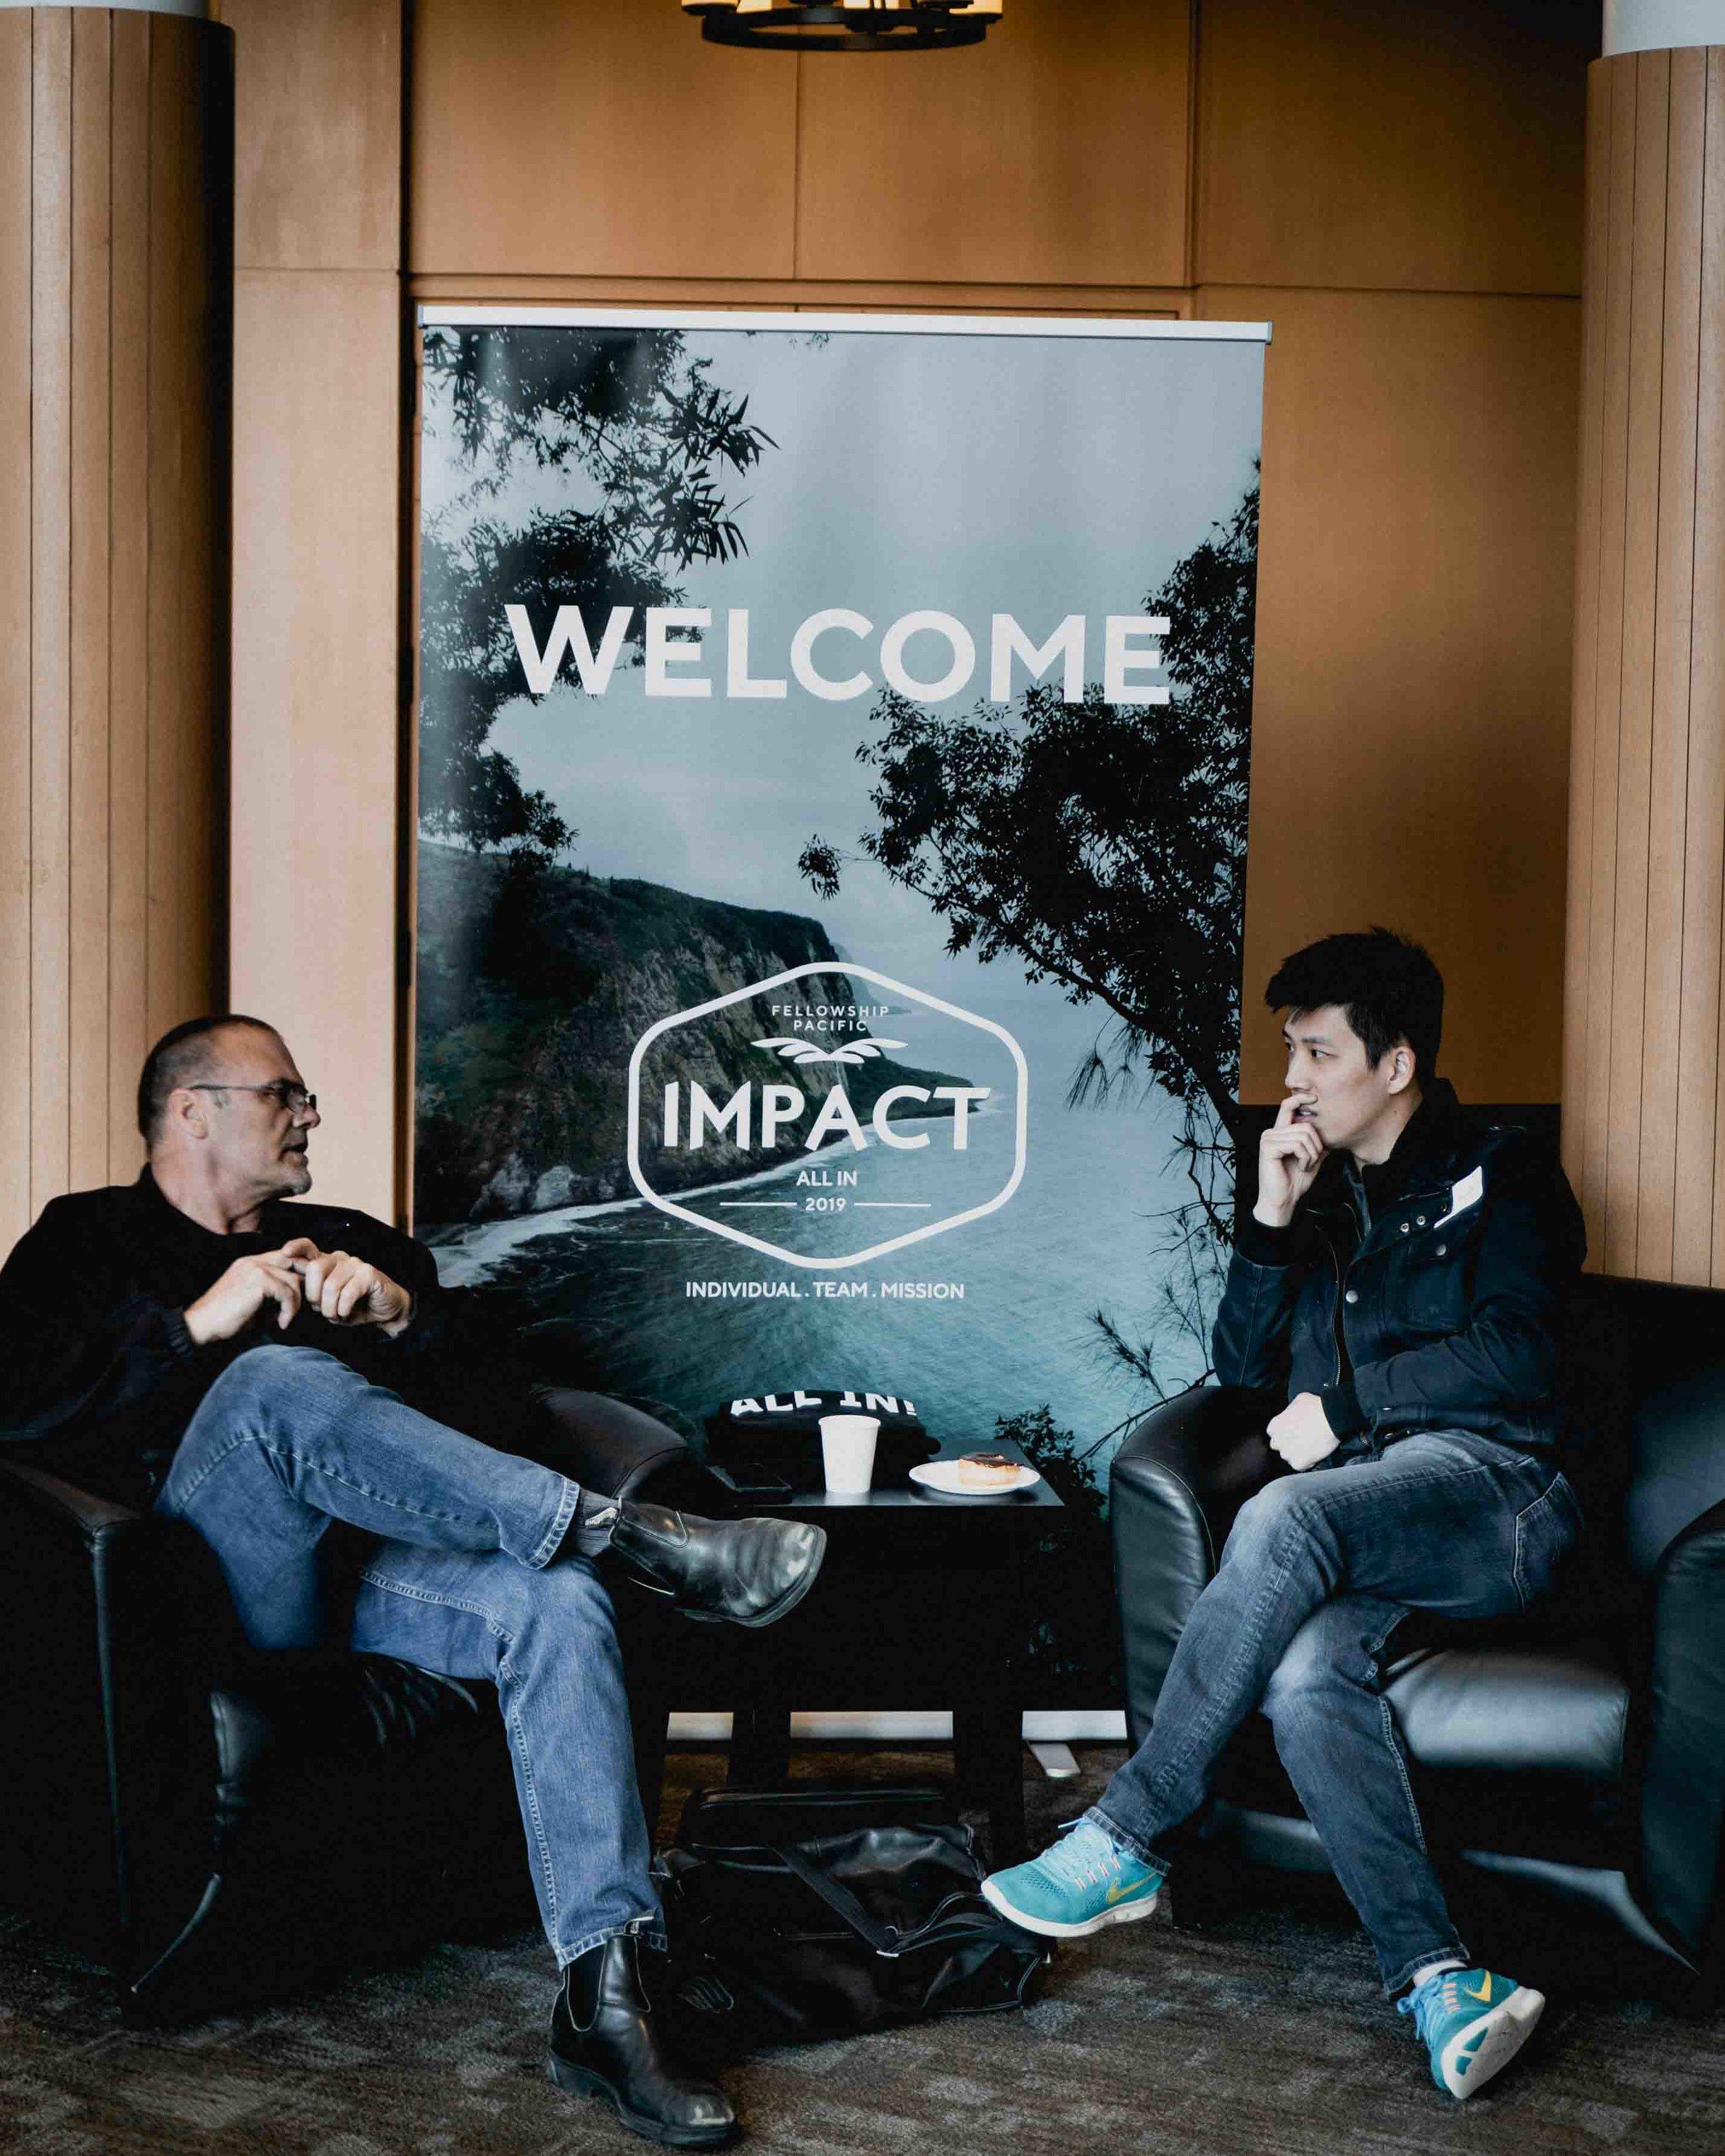 IMPACT-DesignPortfolio.jpg